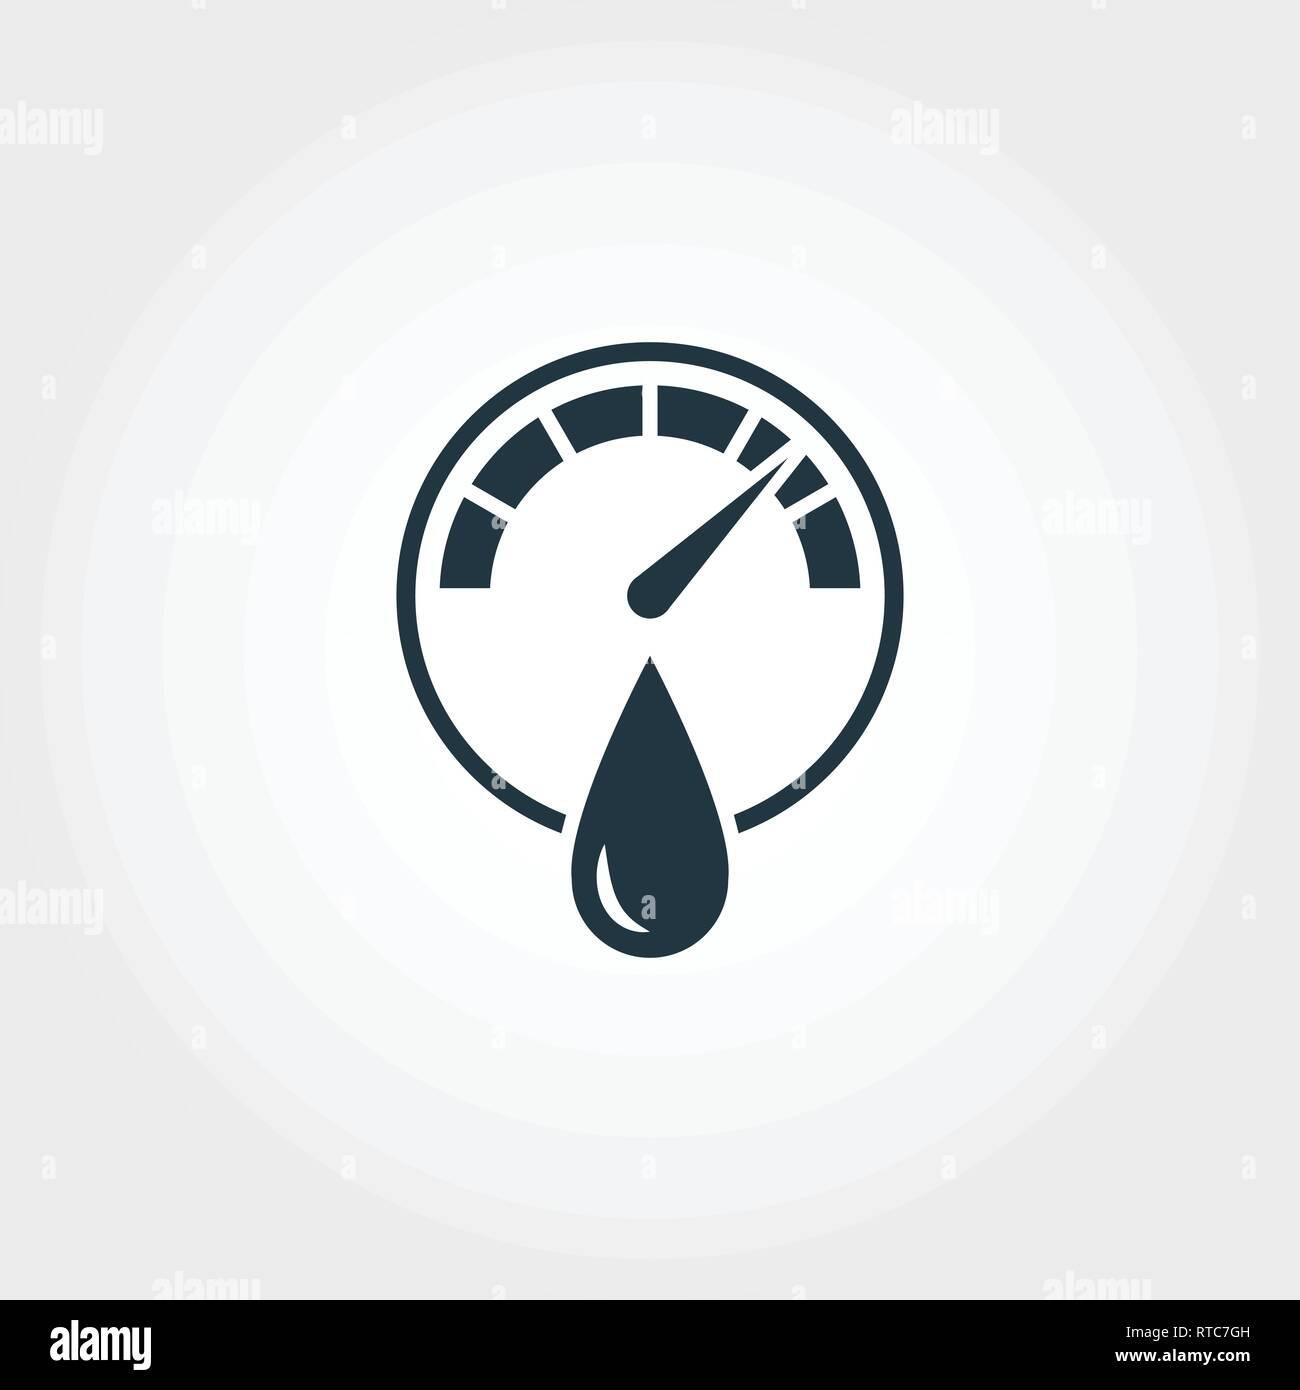 Icono de medición higrómetro colección de iconos. Diseño de elemento creativo higrómetro icono. Diseño Web, aplicaciones, uso de software. UI y UX Imagen De Stock